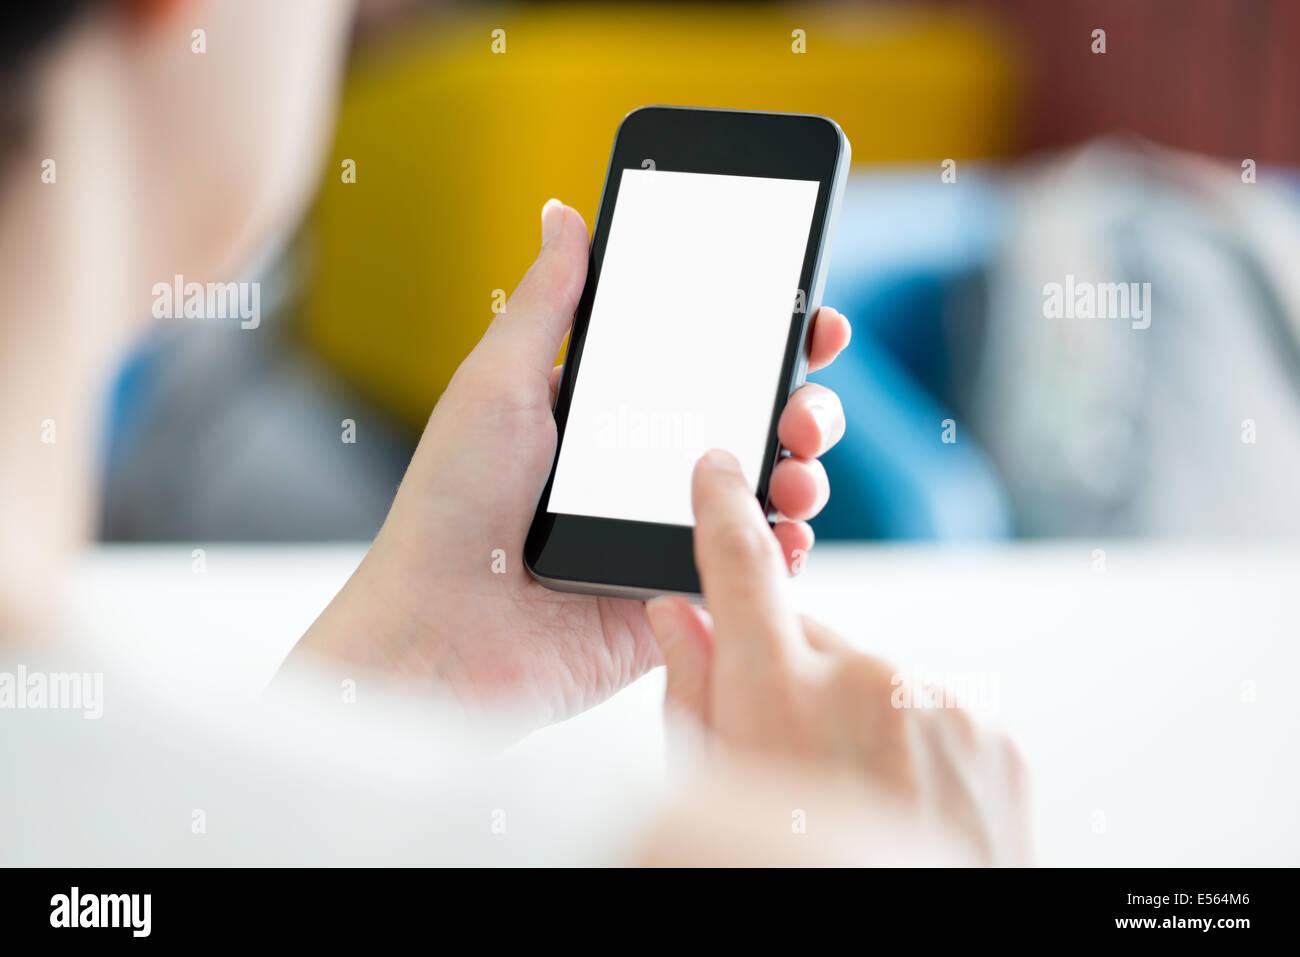 Donna con moderni cellulare in mani toccano su una schermata vuota. Ufficio sfocata interno su uno sfondo. Immagini Stock